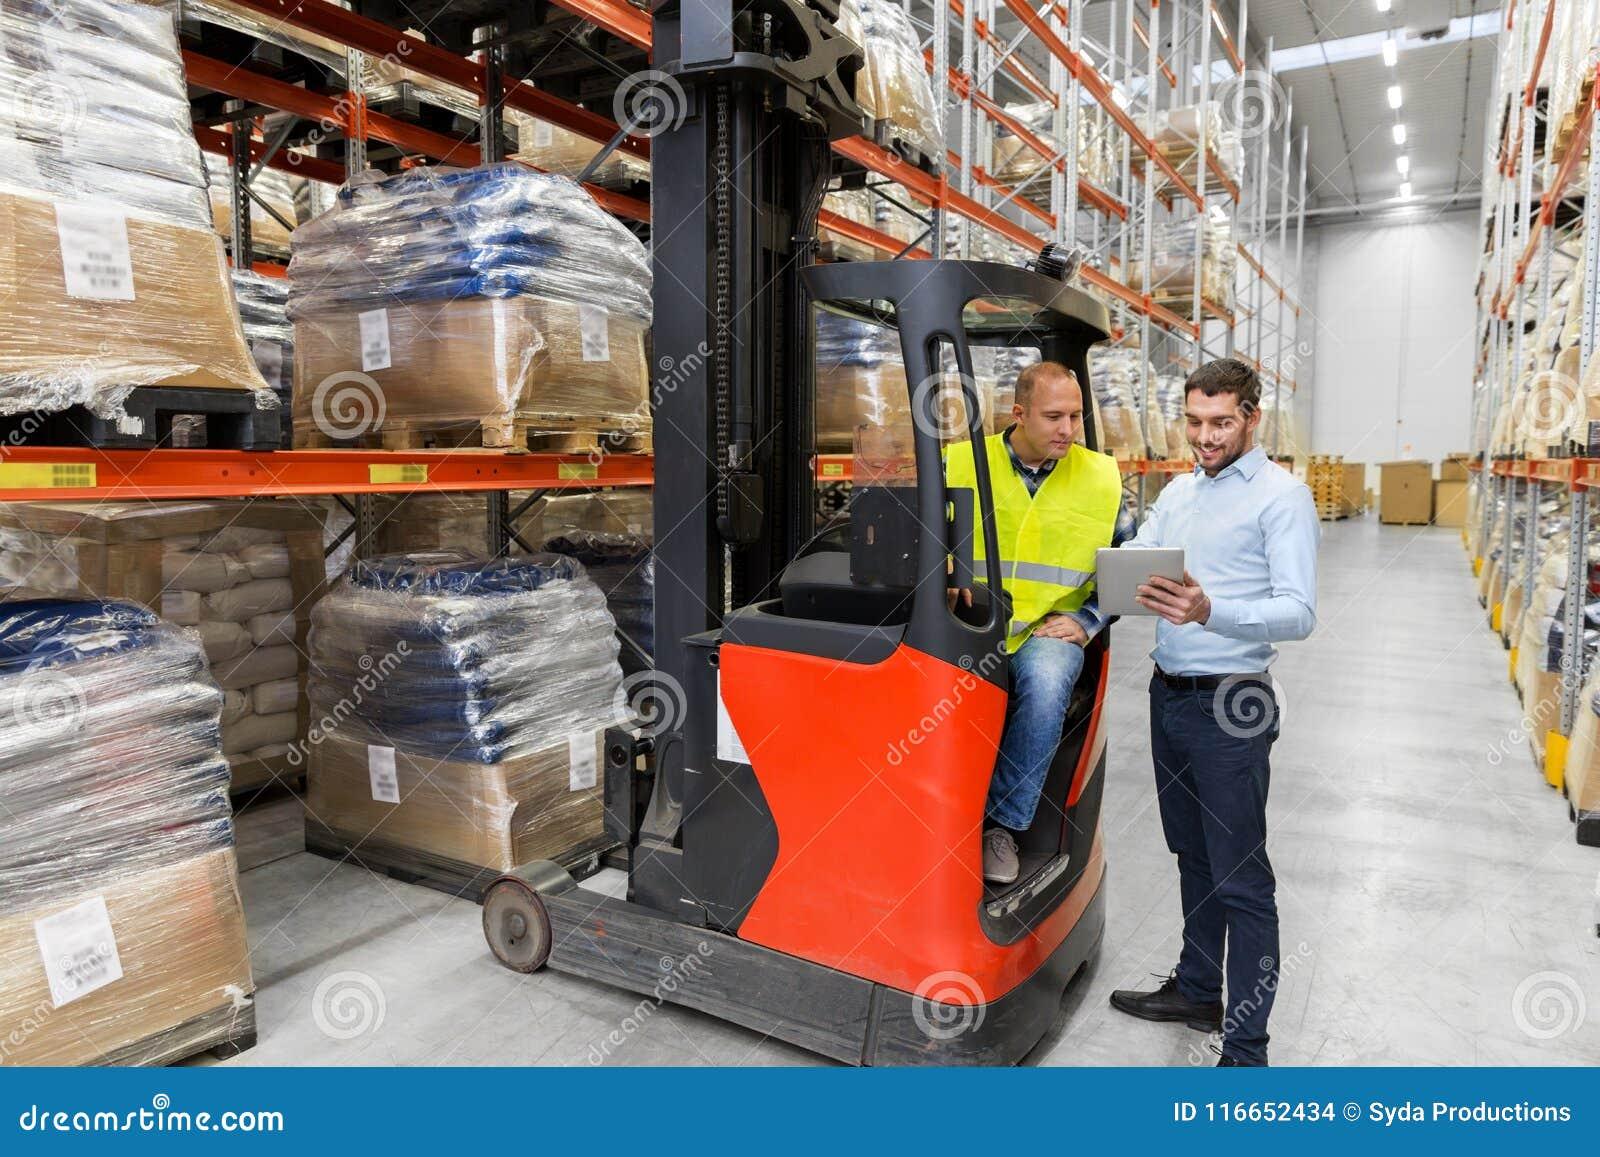 有片剂个人计算机和铲车的人在仓库